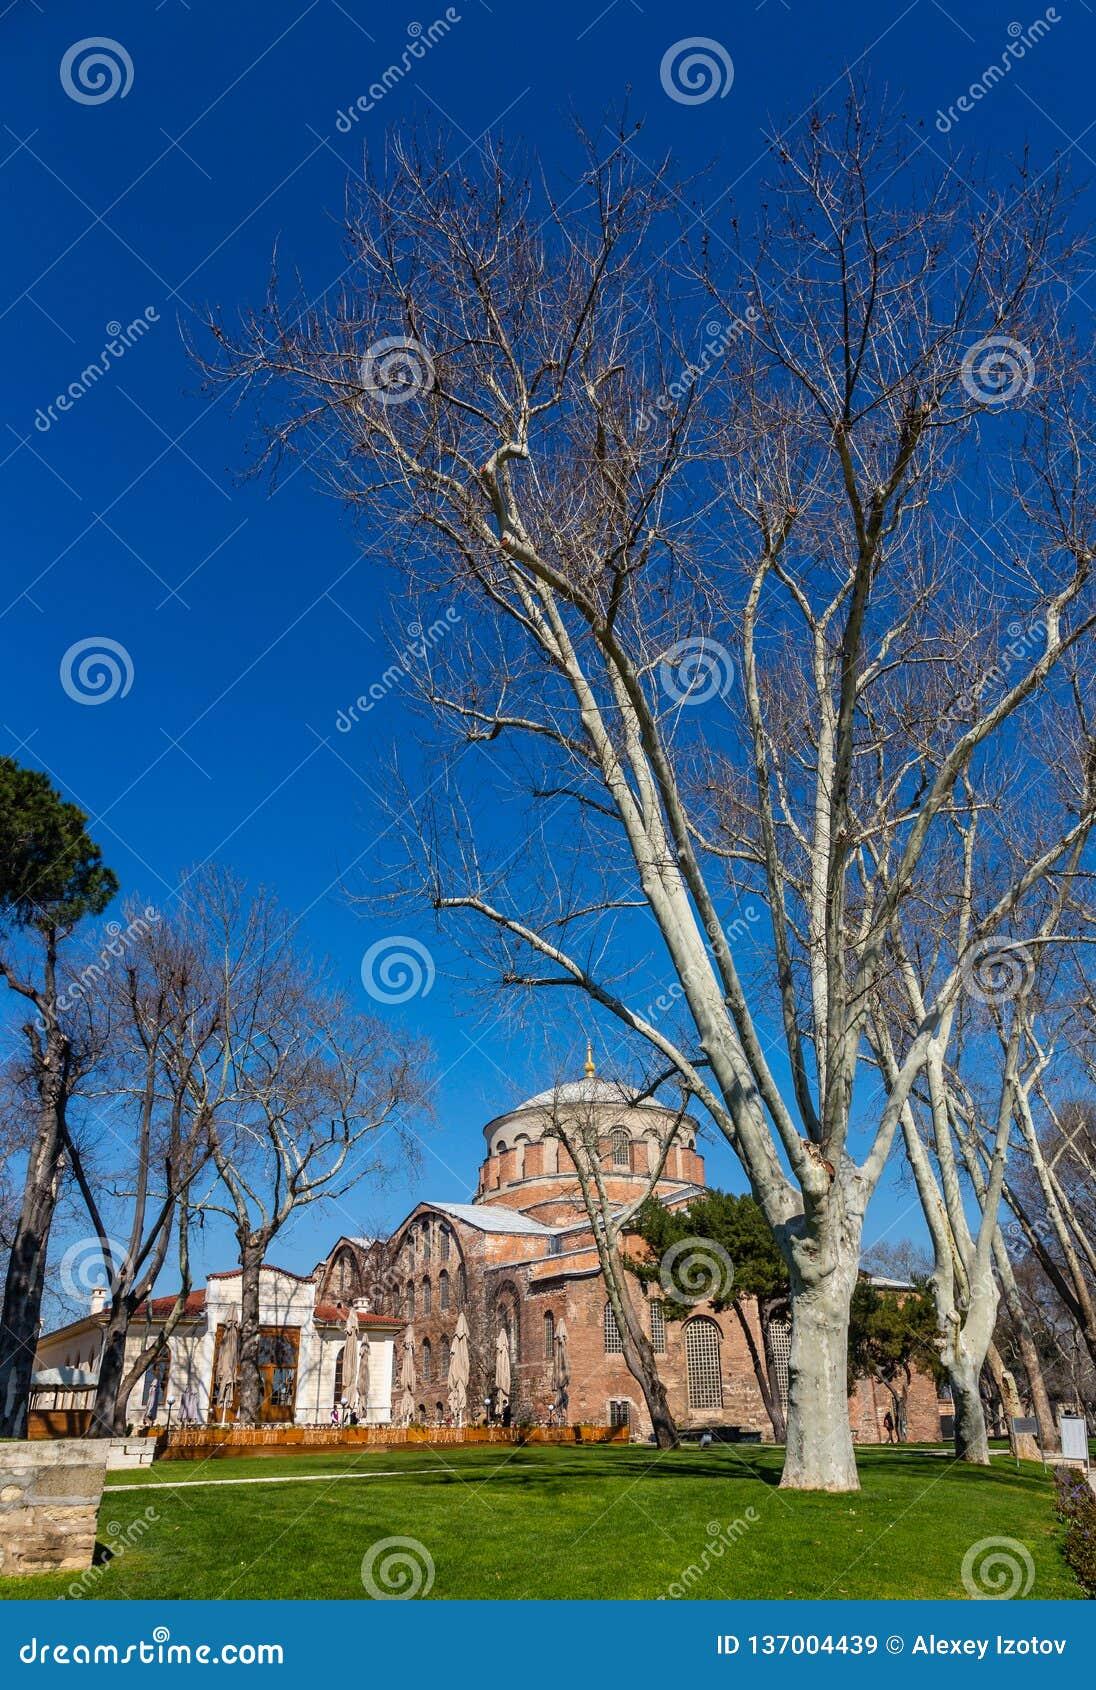 El edificio de la iglesia bizantina de St Irene en Estambul, Turquía